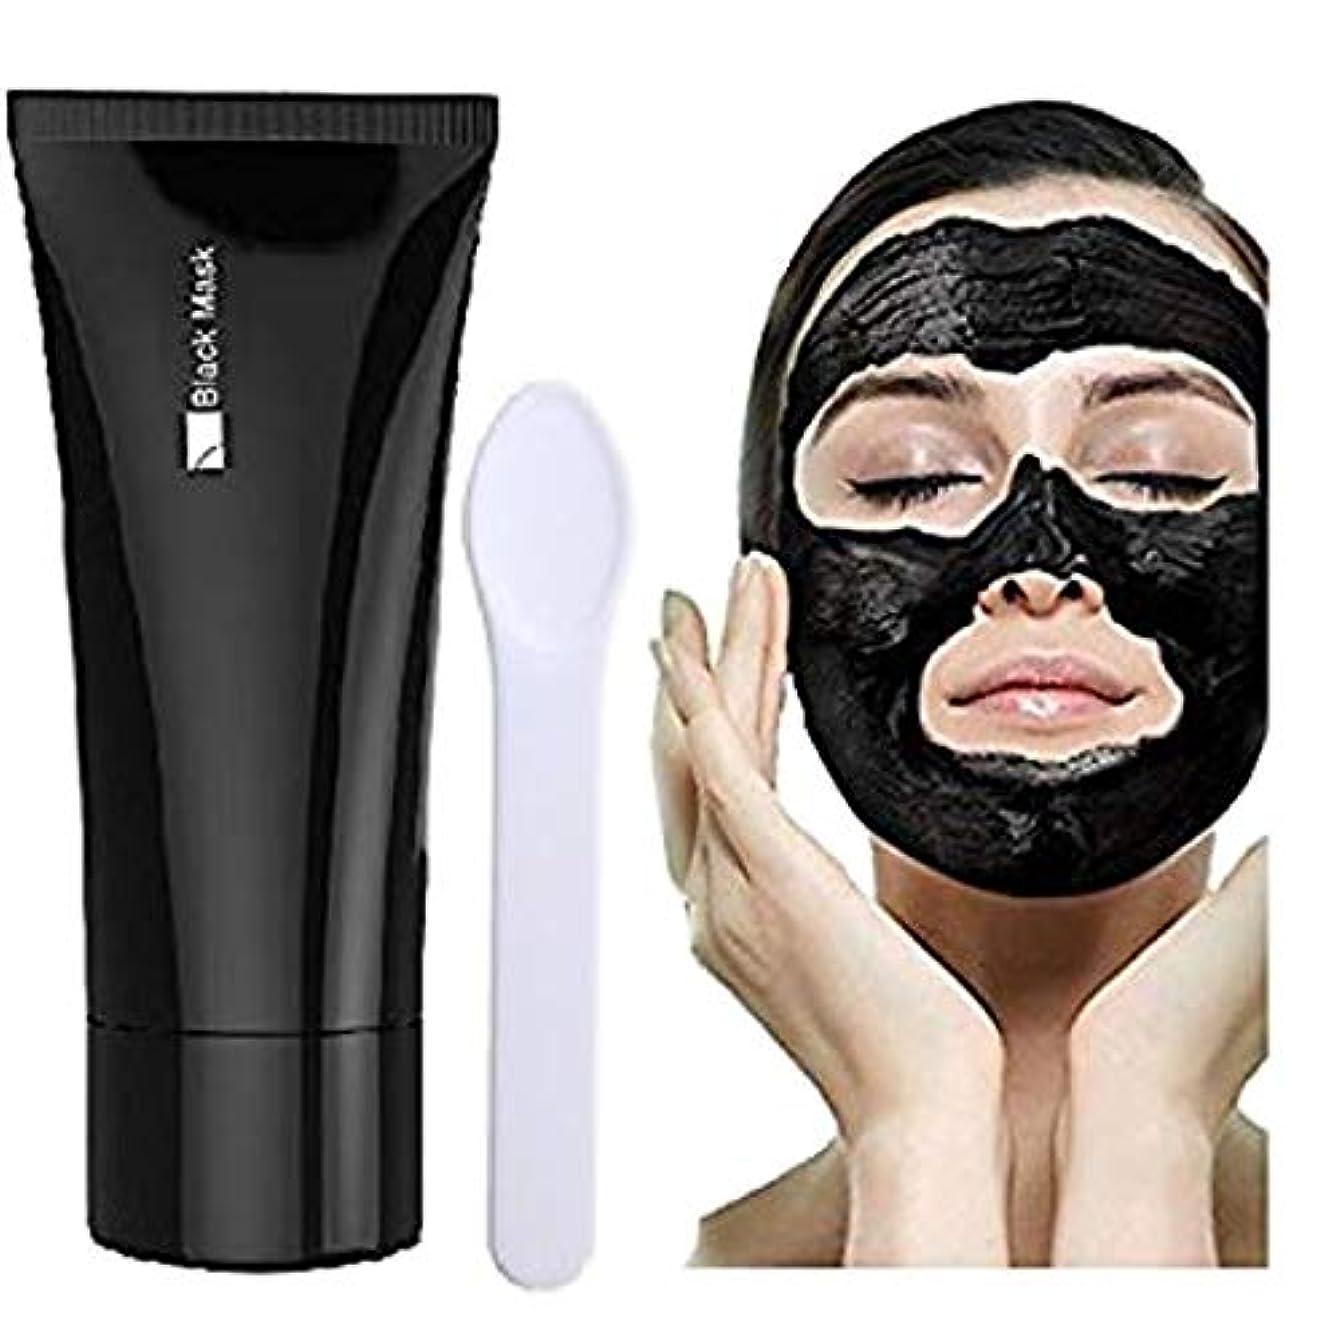 農業の発行おBlackhead Remover Mask, Black Forest Spa-Peel Off Black Head Acne Treatments,Face Cleaning Mask+Spoon